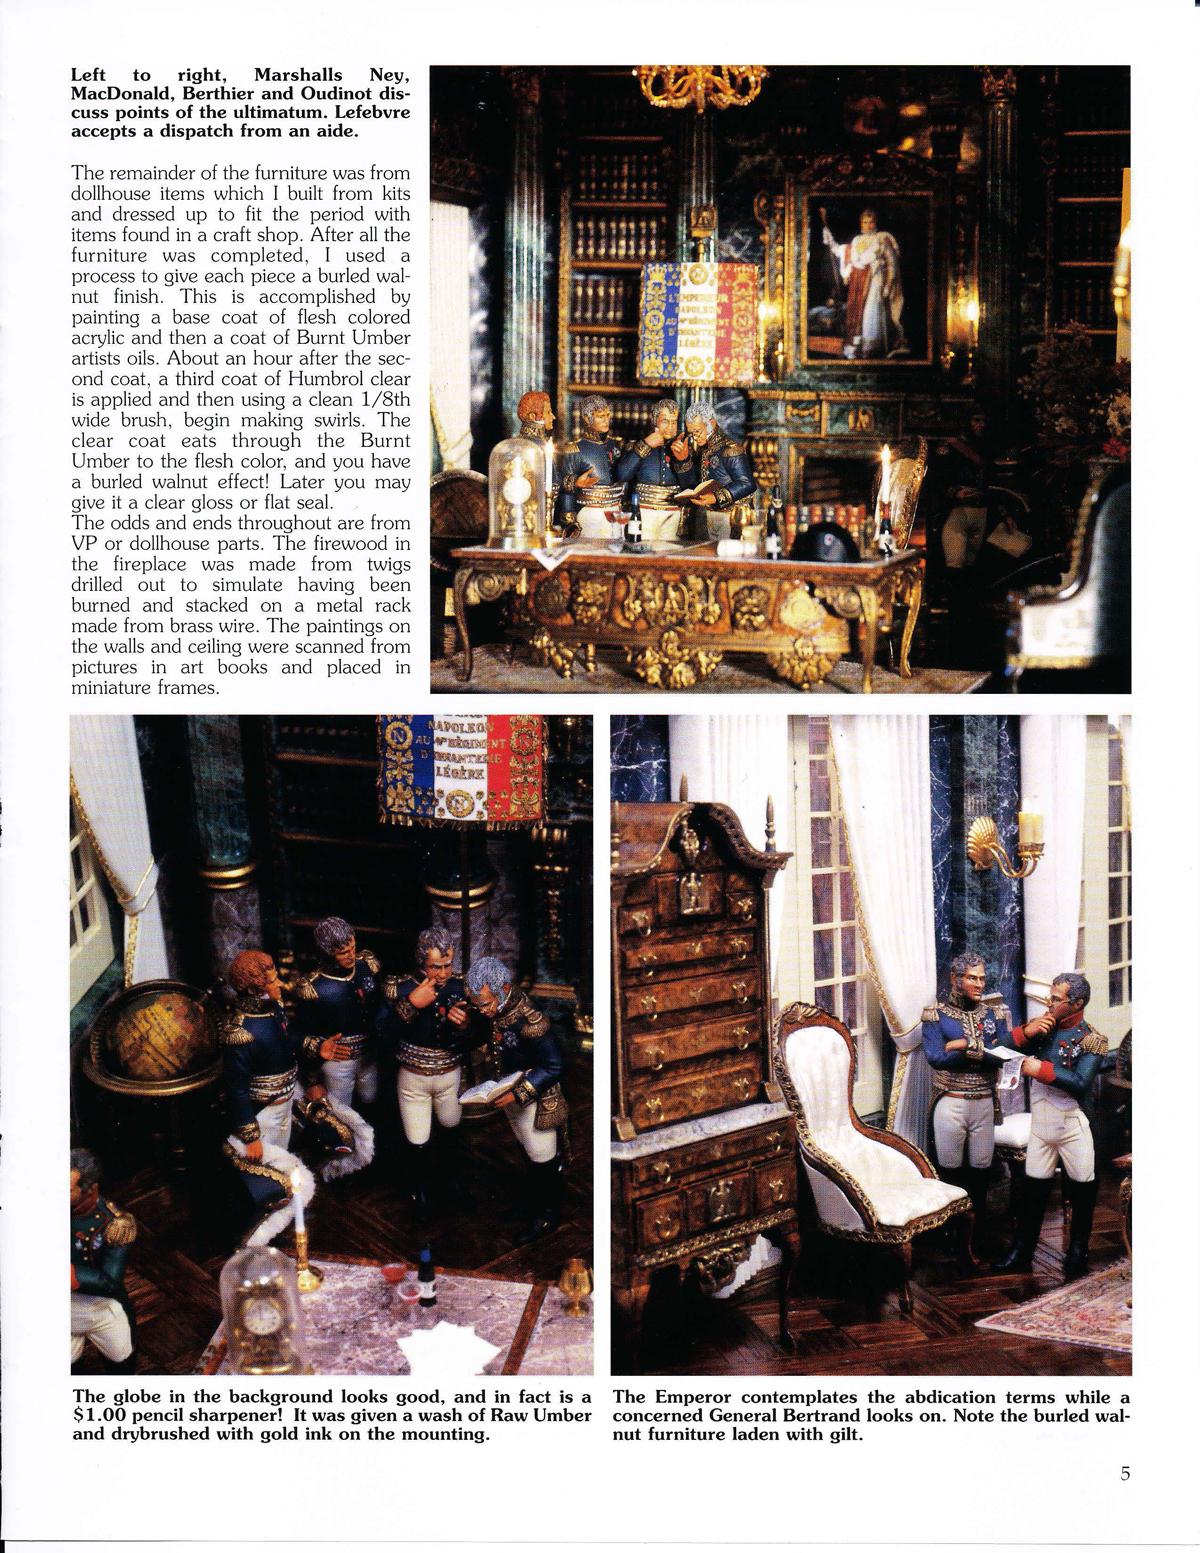 Letterman4.jpg